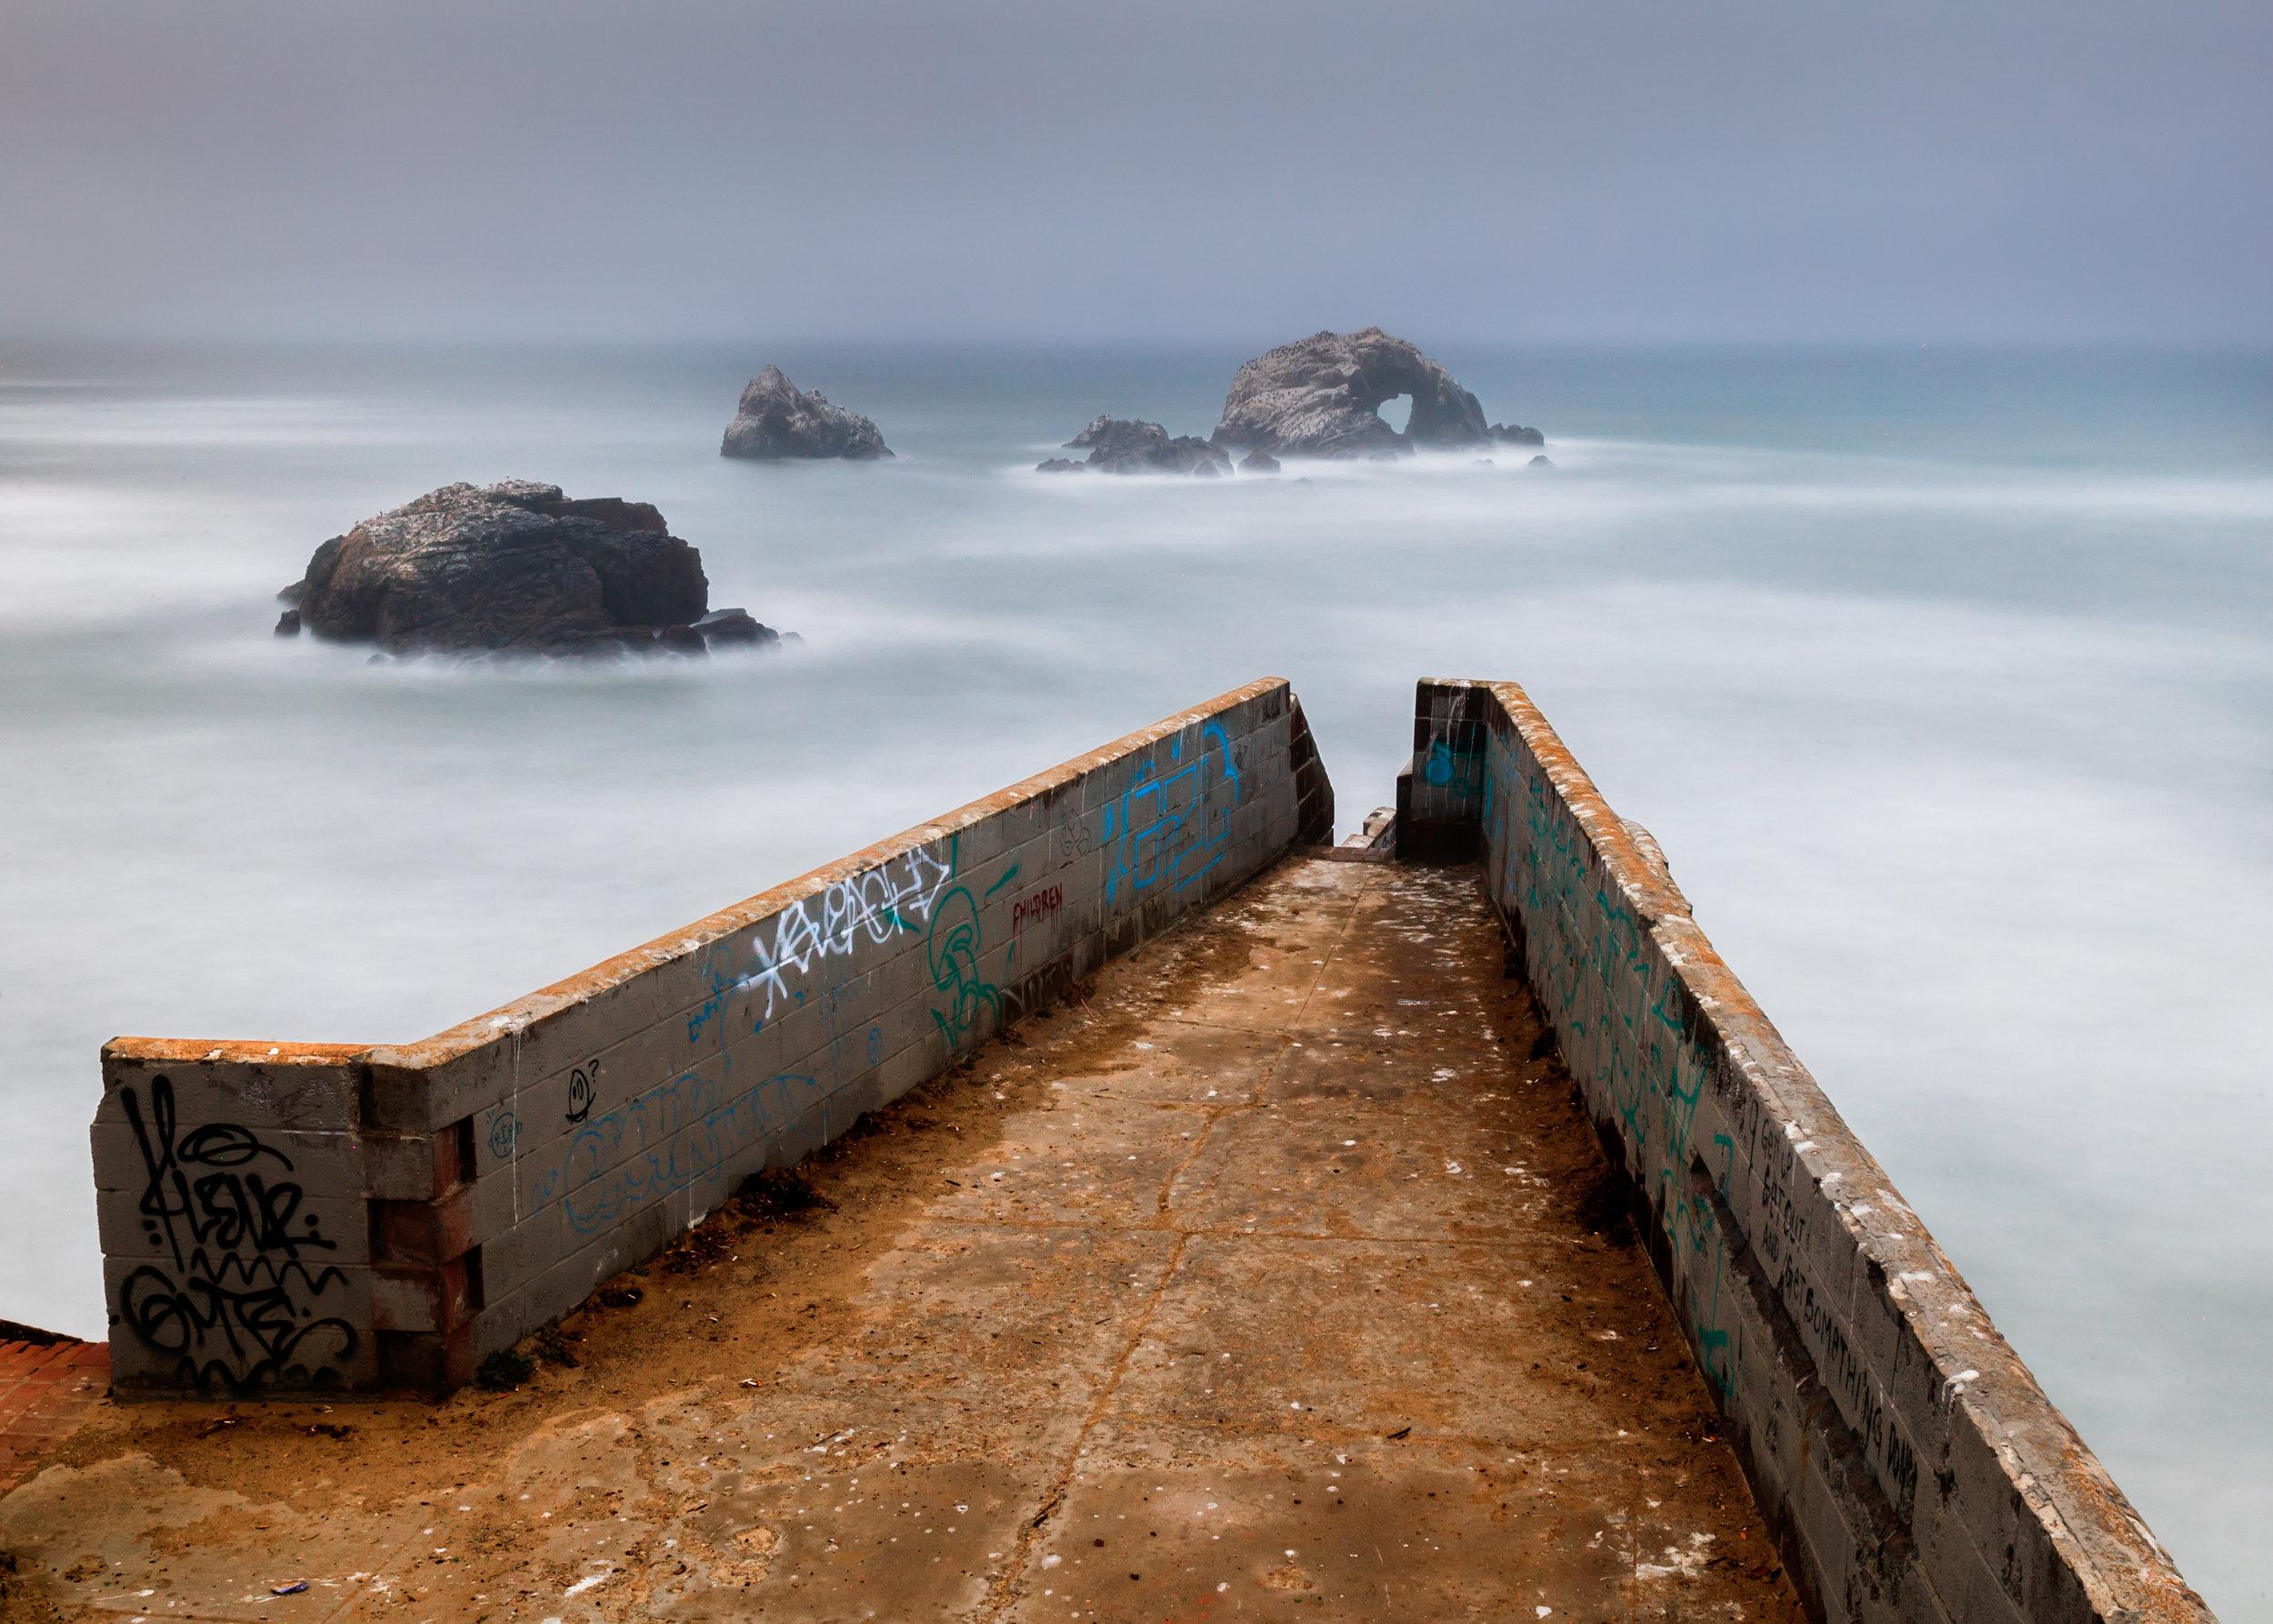 View Point, Sutro Baths, San Francisco, CA.